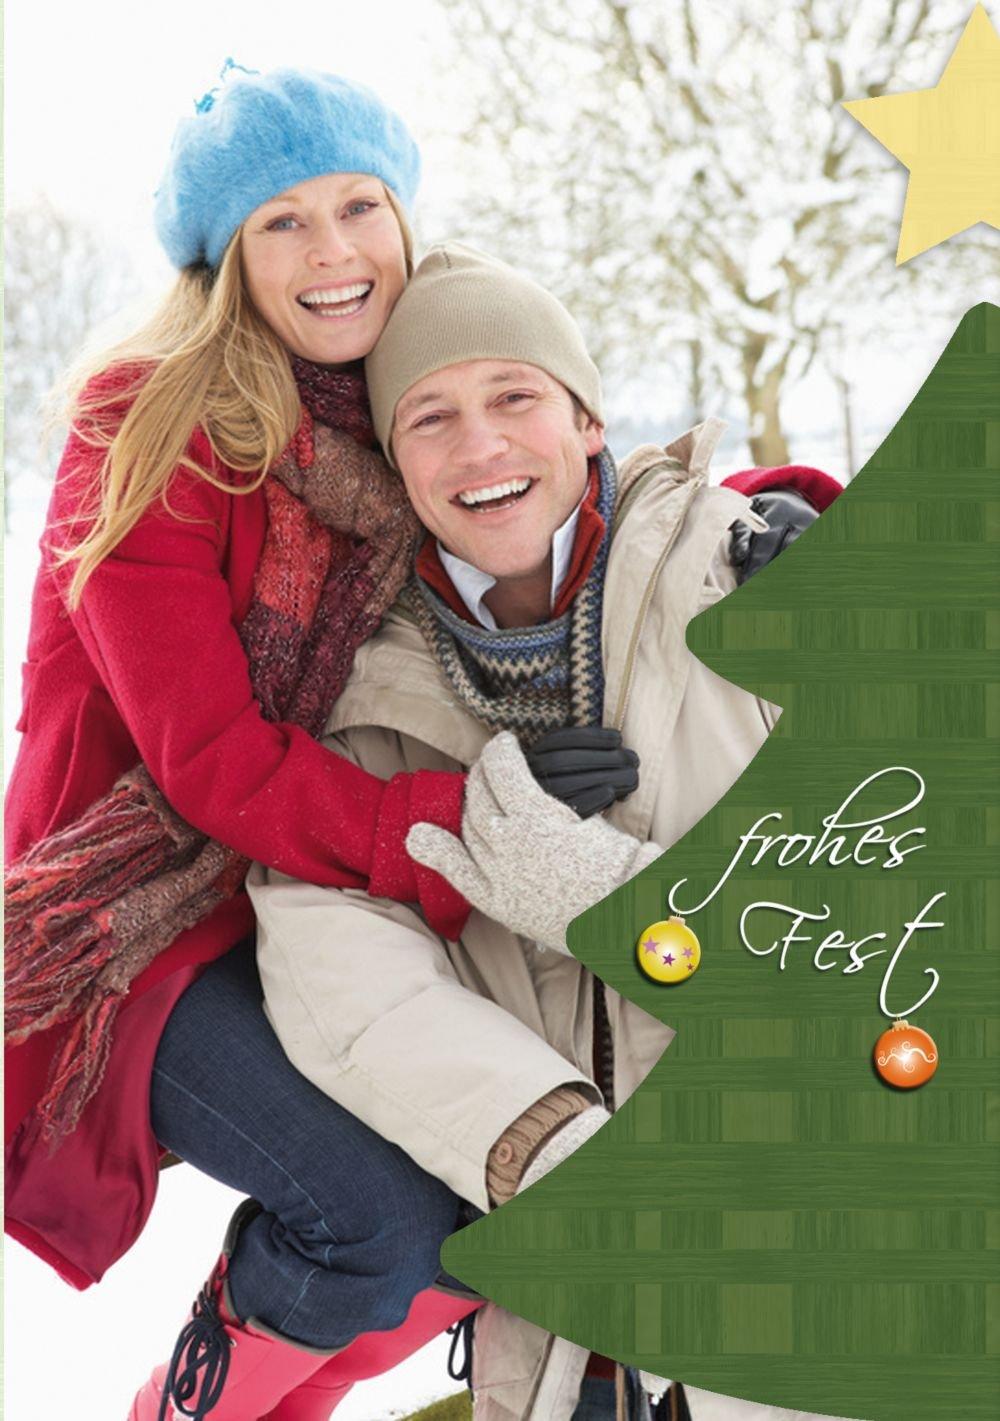 Kartenparadies Grußkarte Weihnachten Foto Grußkarte Holzkaro, hochwertige hochwertige hochwertige Weihnachtsgrüße als Weihnachtskarte (Format  105x148 mm) Farbe  Braun B01N4NHJRM | Geeignet für Farbe  | Vielfalt  | Ideales Geschenk für alle Gelegenheiten 463593